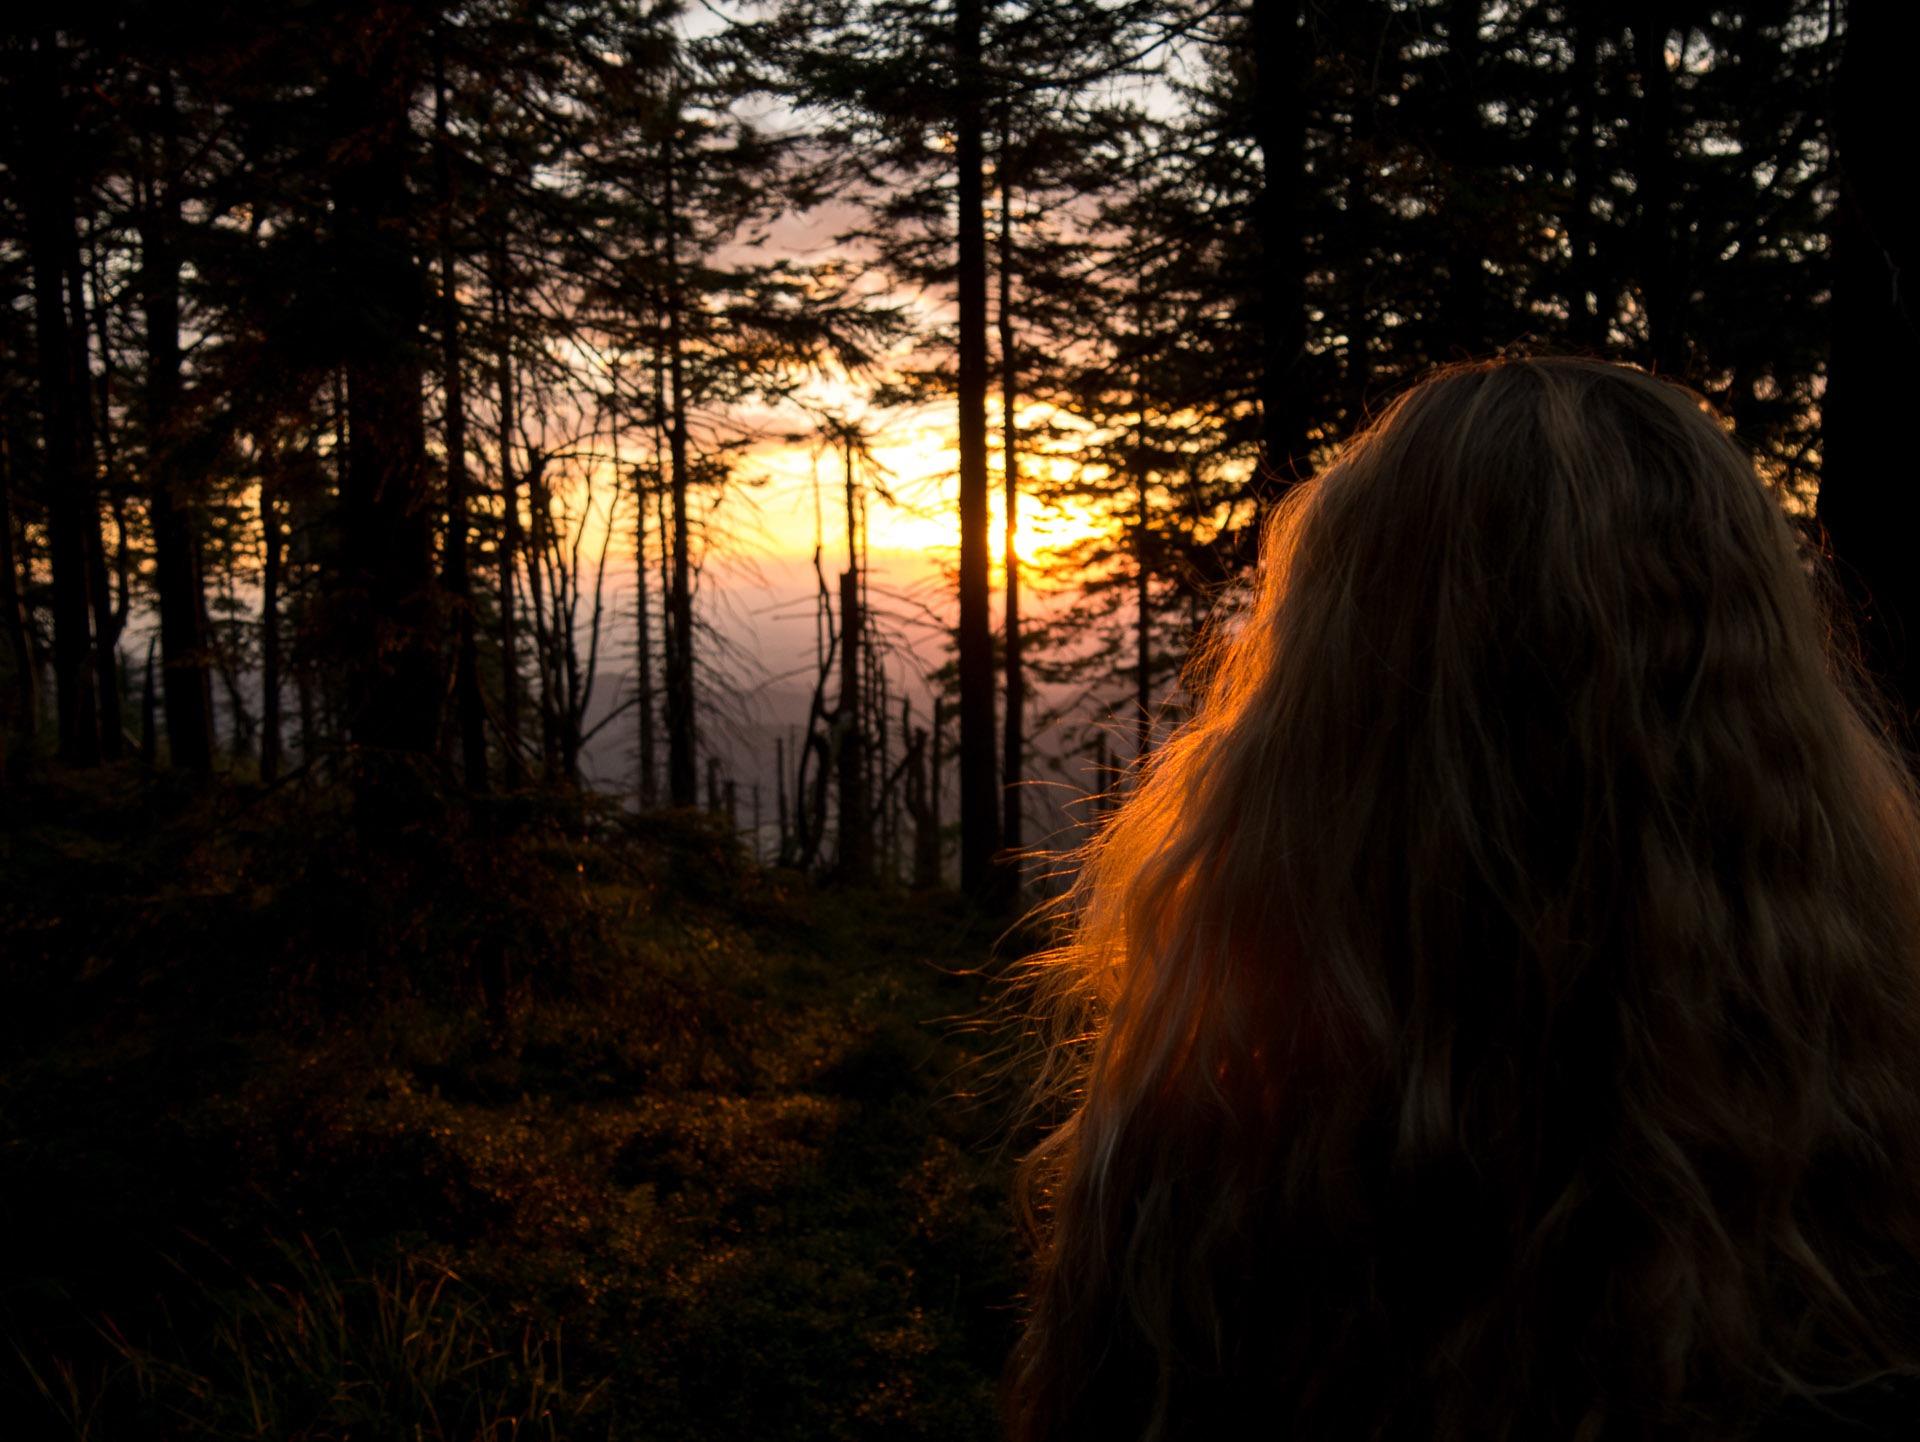 Einige lassen es sich aber nicht entgehen, kurz inne zu halten, um die wunderschönen Natur in aller Ruhe auf sich wirken zu lassen.